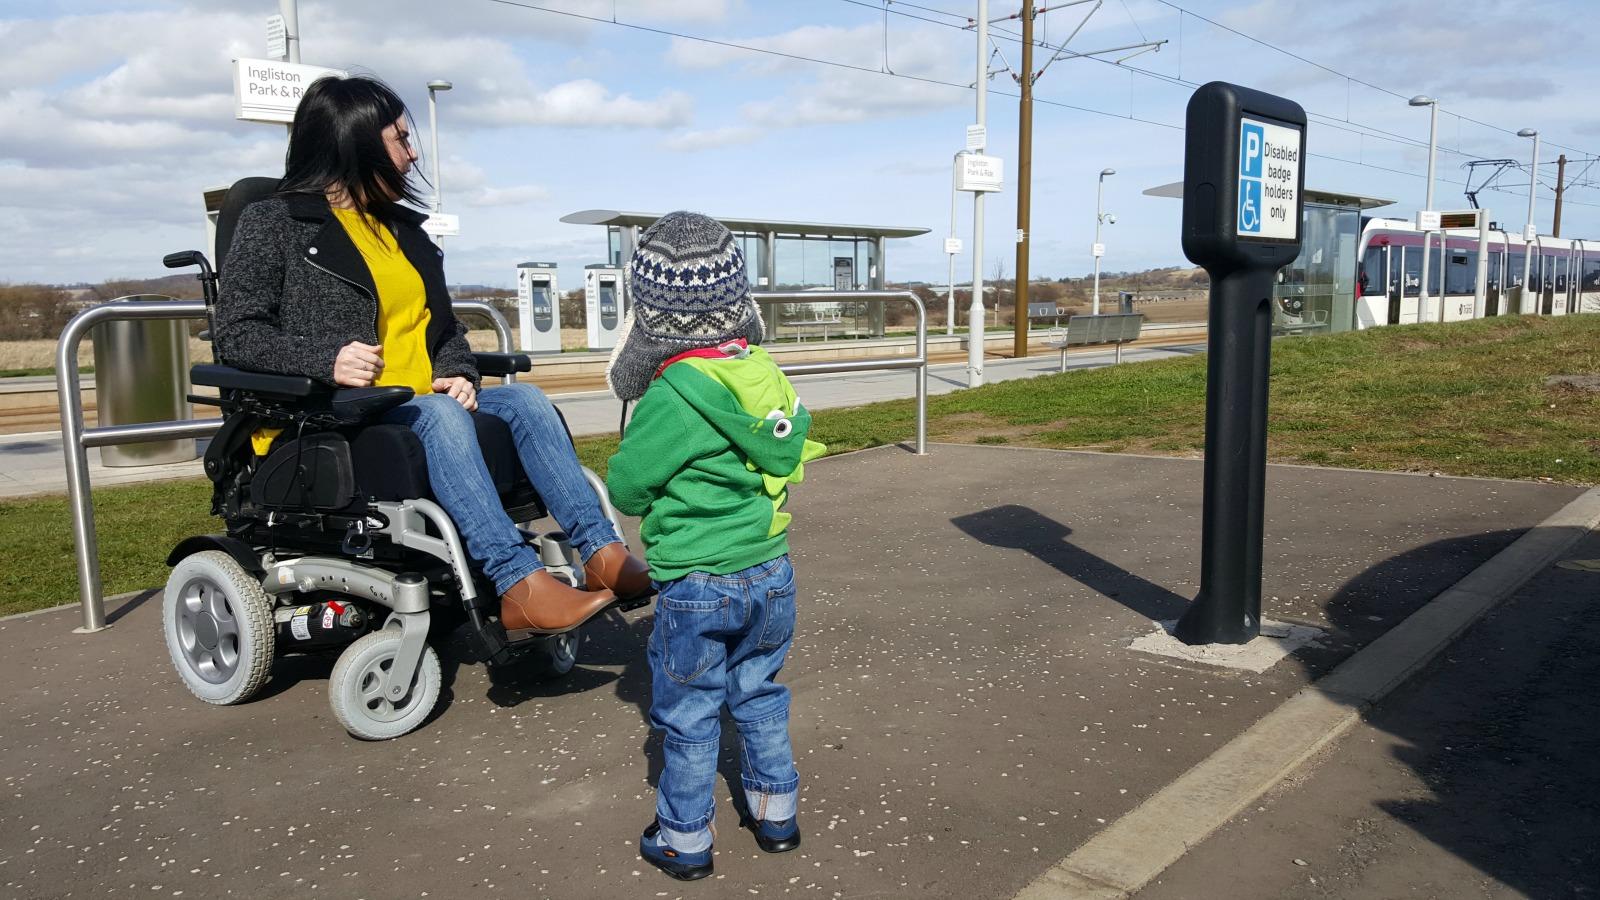 wheelchair accessible Edinburgh Trams